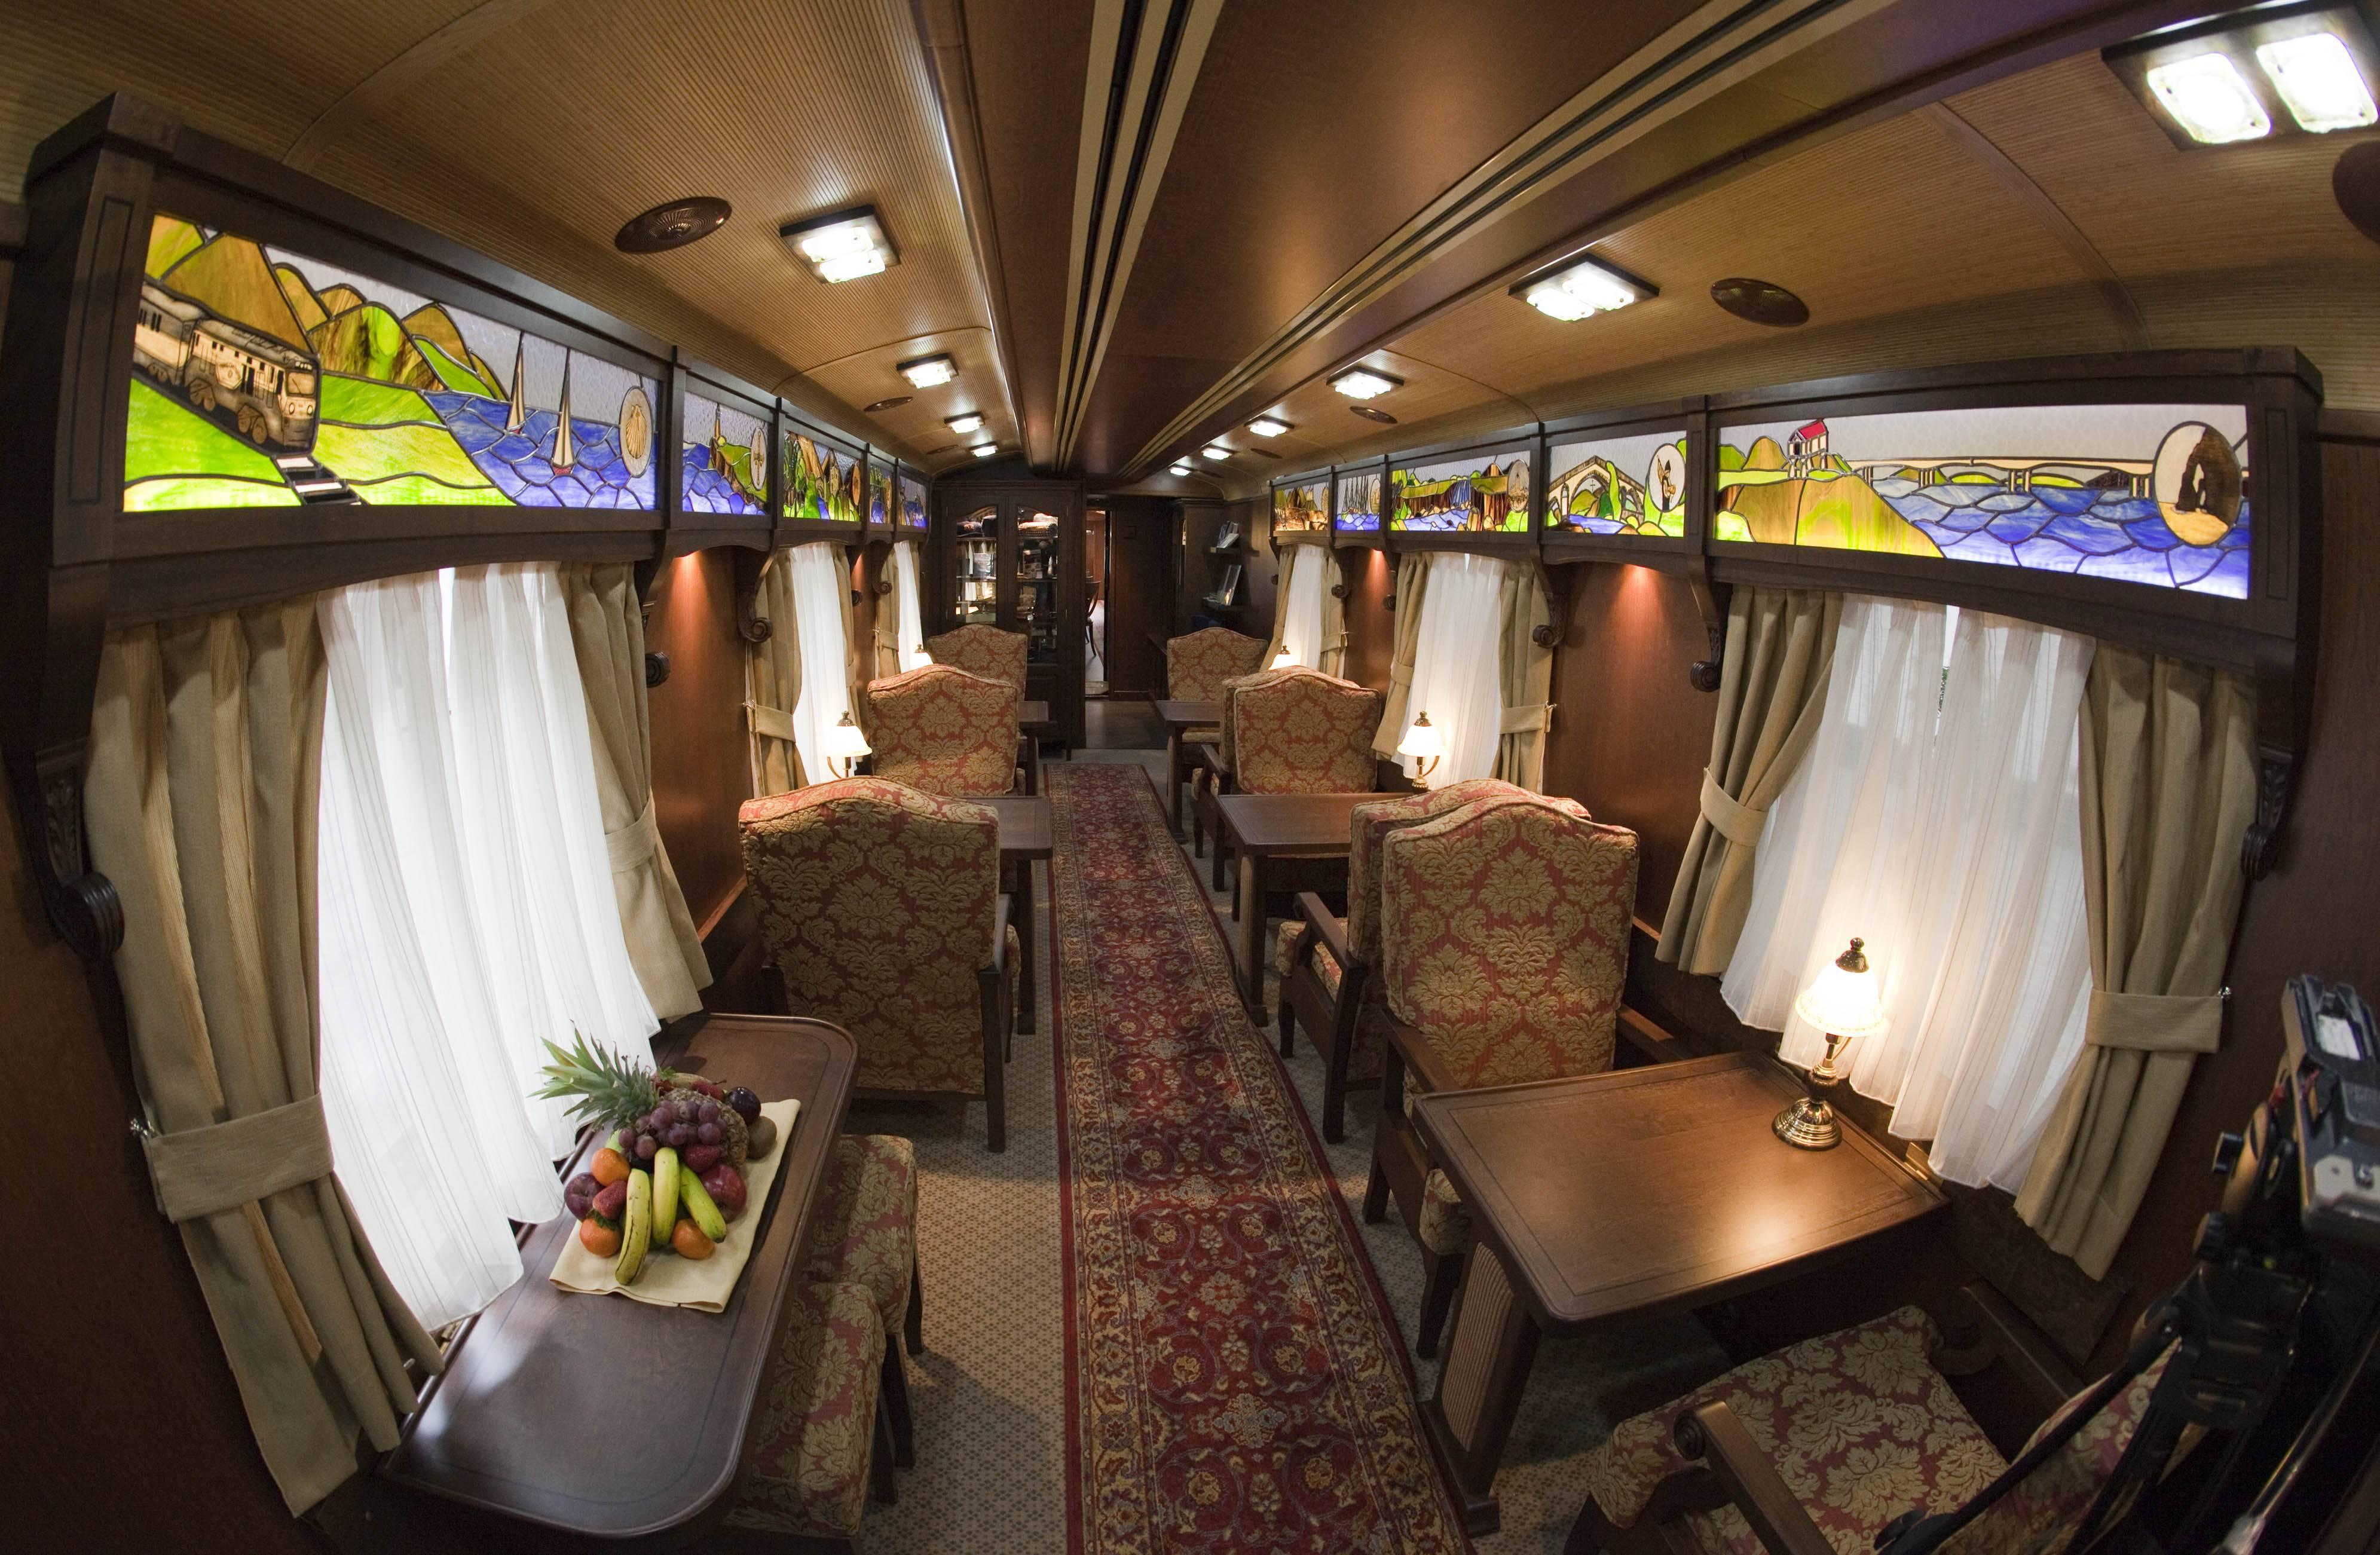 El Transcantabrico Spain Luxury Train - 4